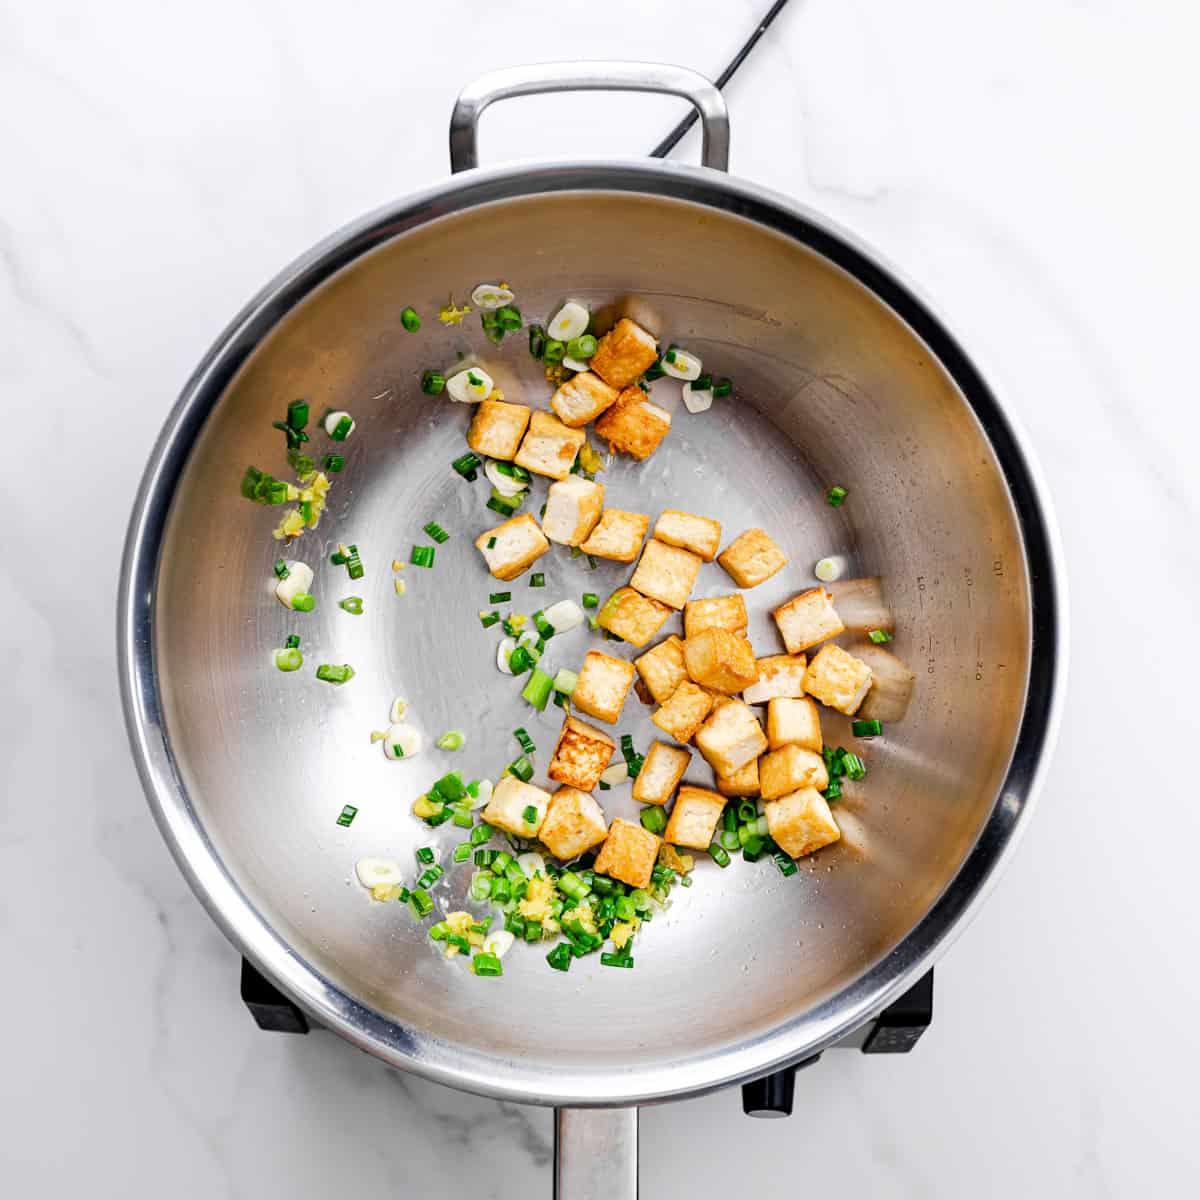 scallions, tofu, garlic, and ginger.